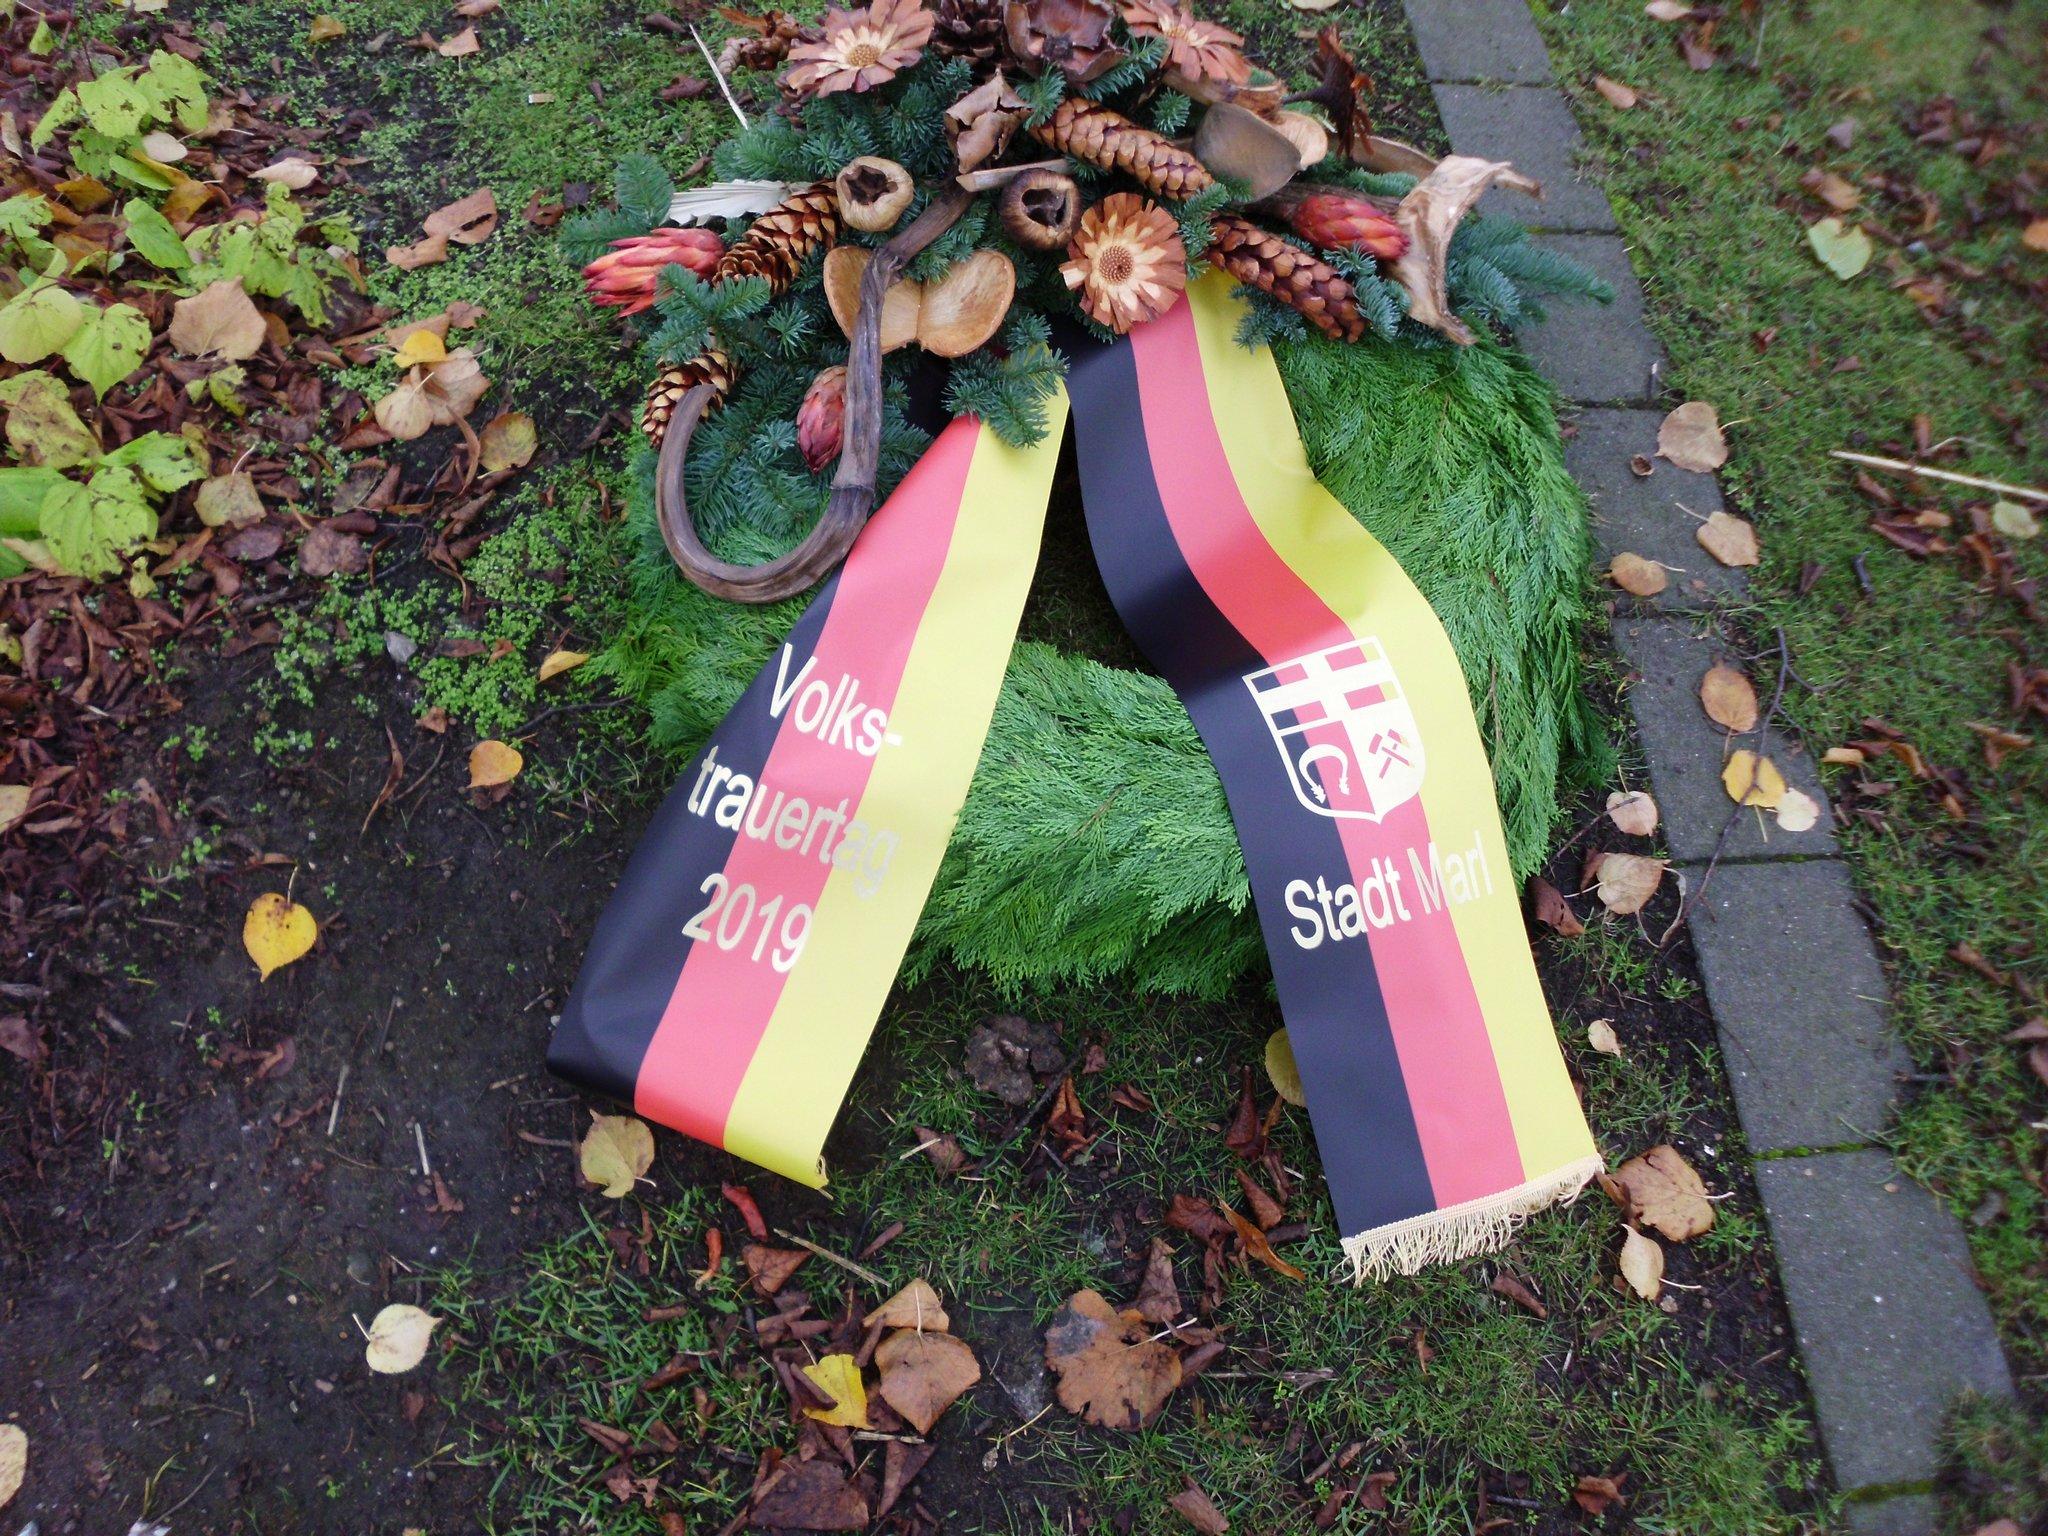 Gedenkveranstaltung zum Volkstrauertag in Marl - Marl - Lokalkompass.de